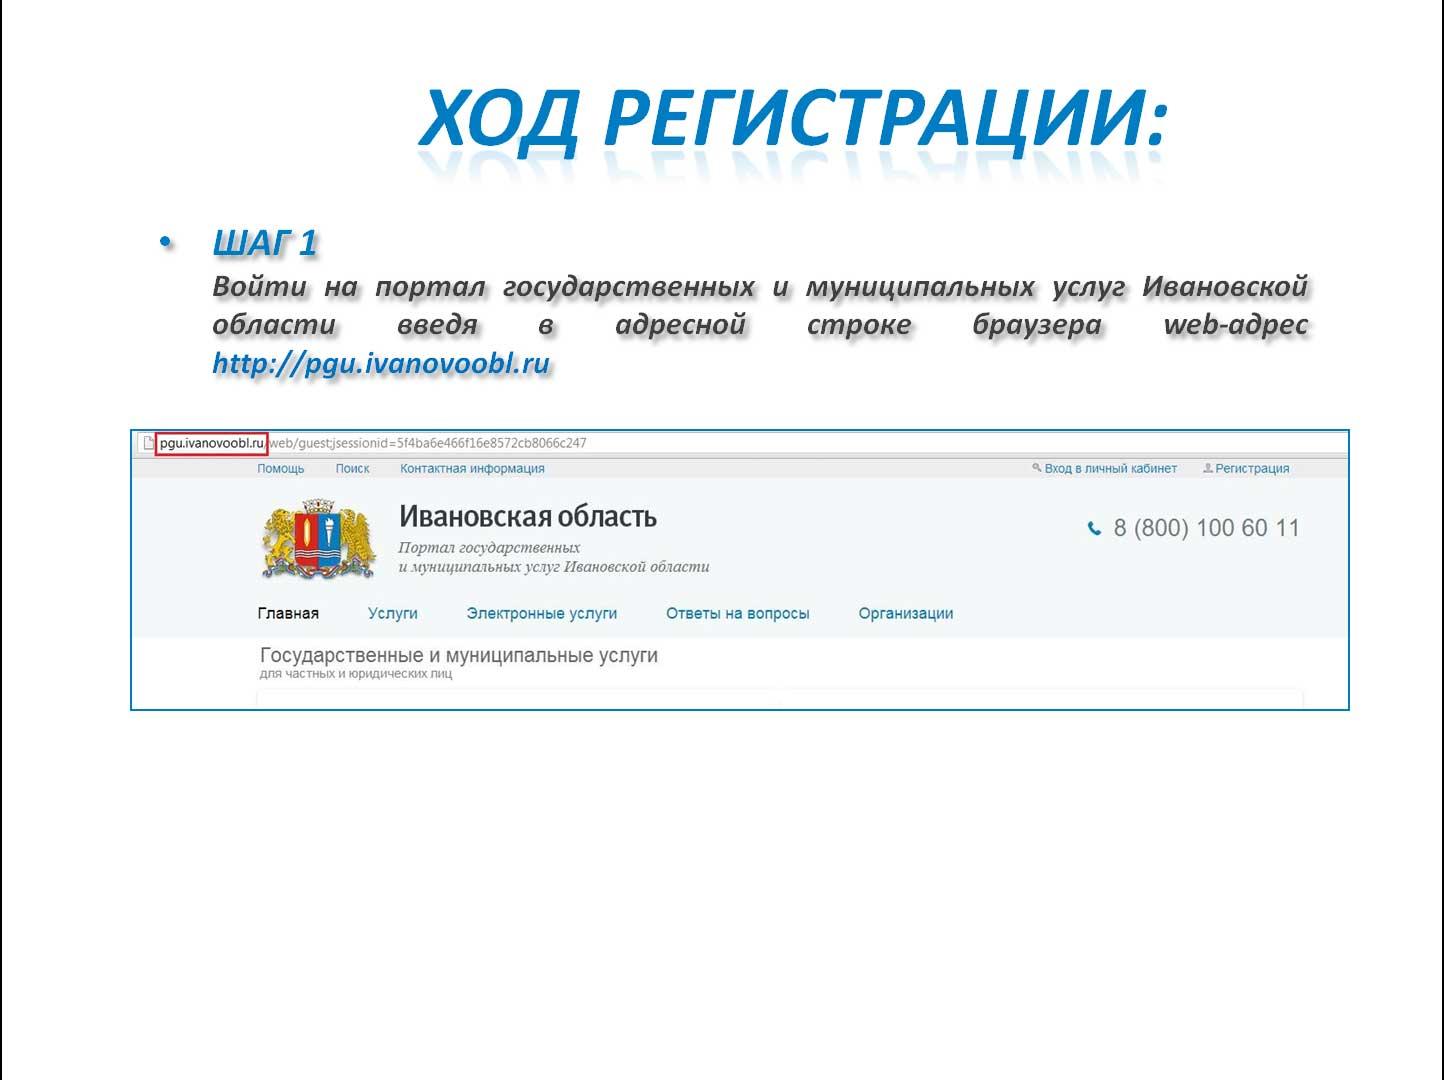 бухгалтерия жкх онлайн